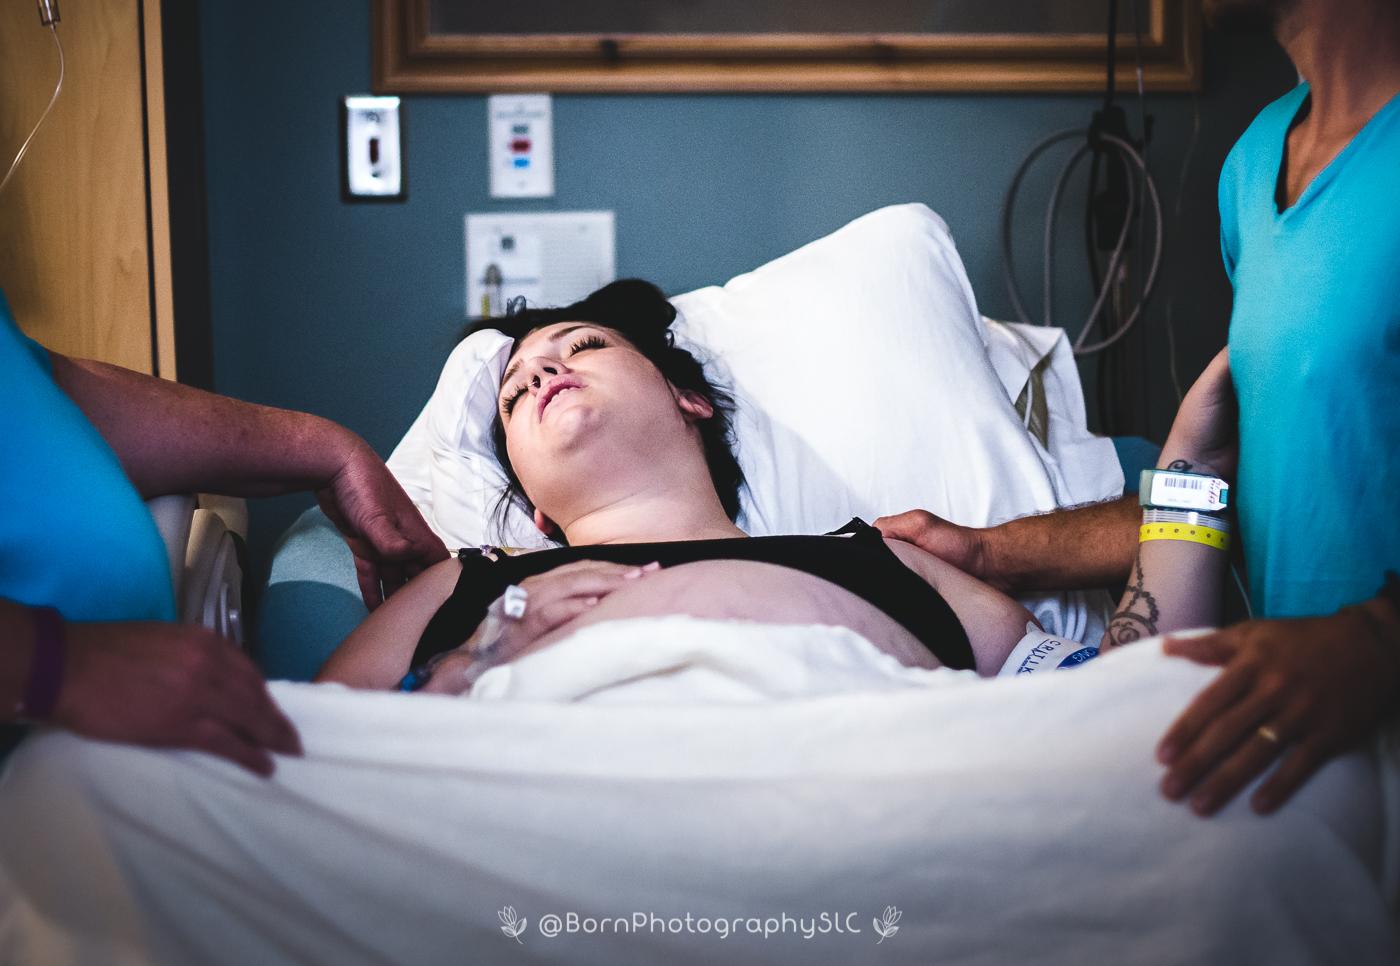 Born-Birth-Photography-St-Marks-Birth-Story-Salt-Lake-City-Utah-24(1).jpg